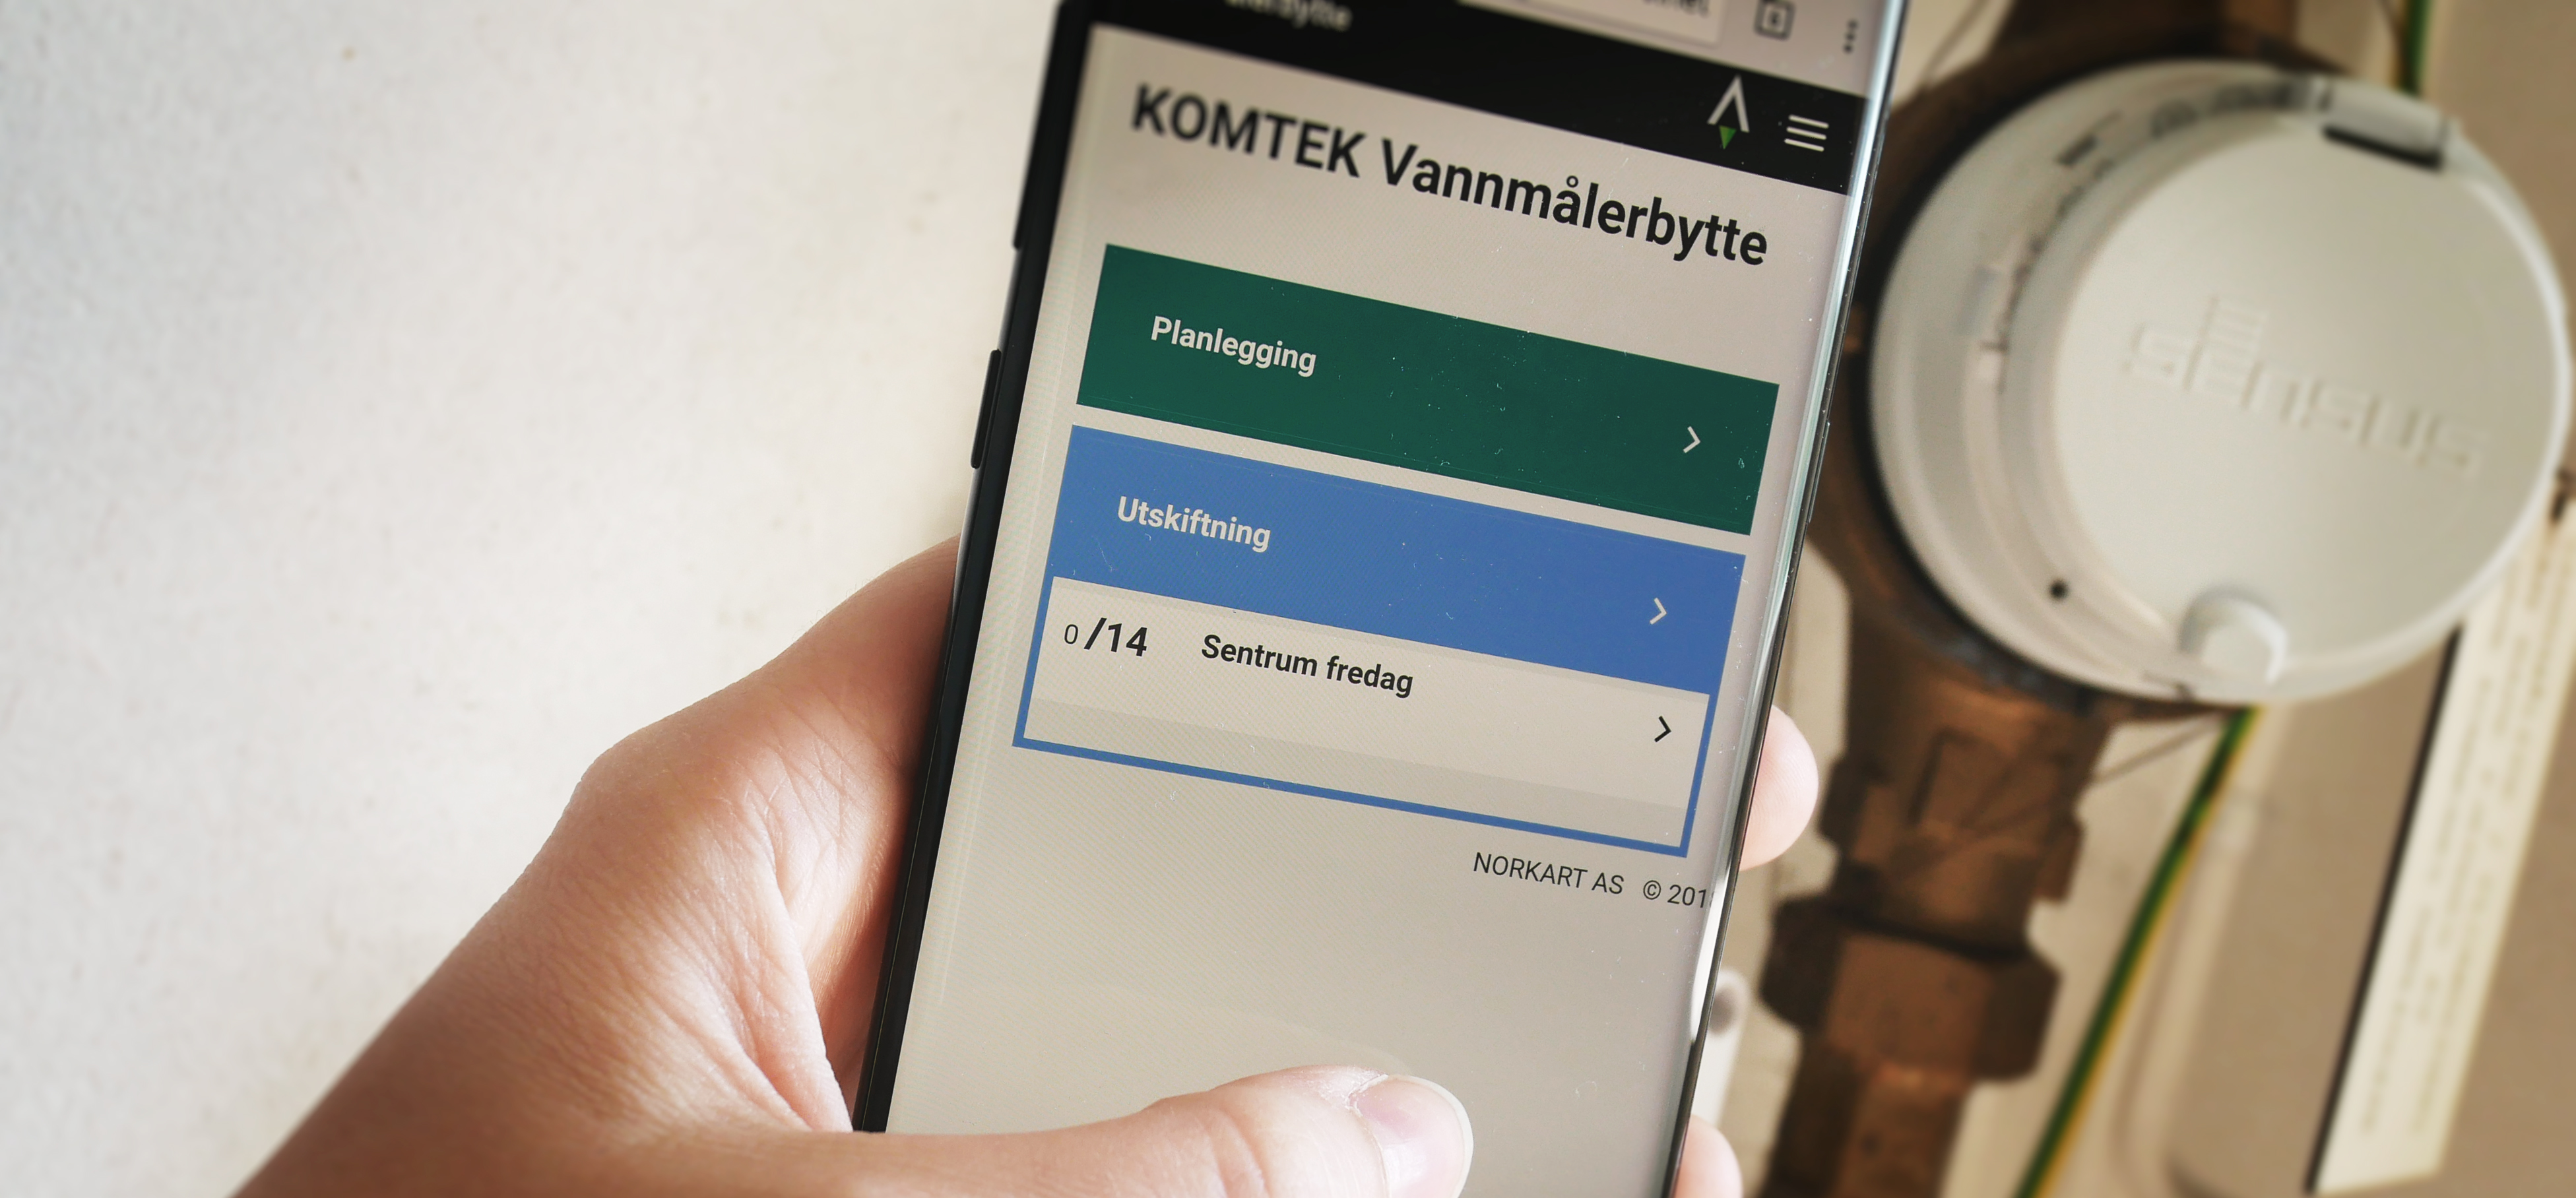 KOMTEK-Vannmalerbytte